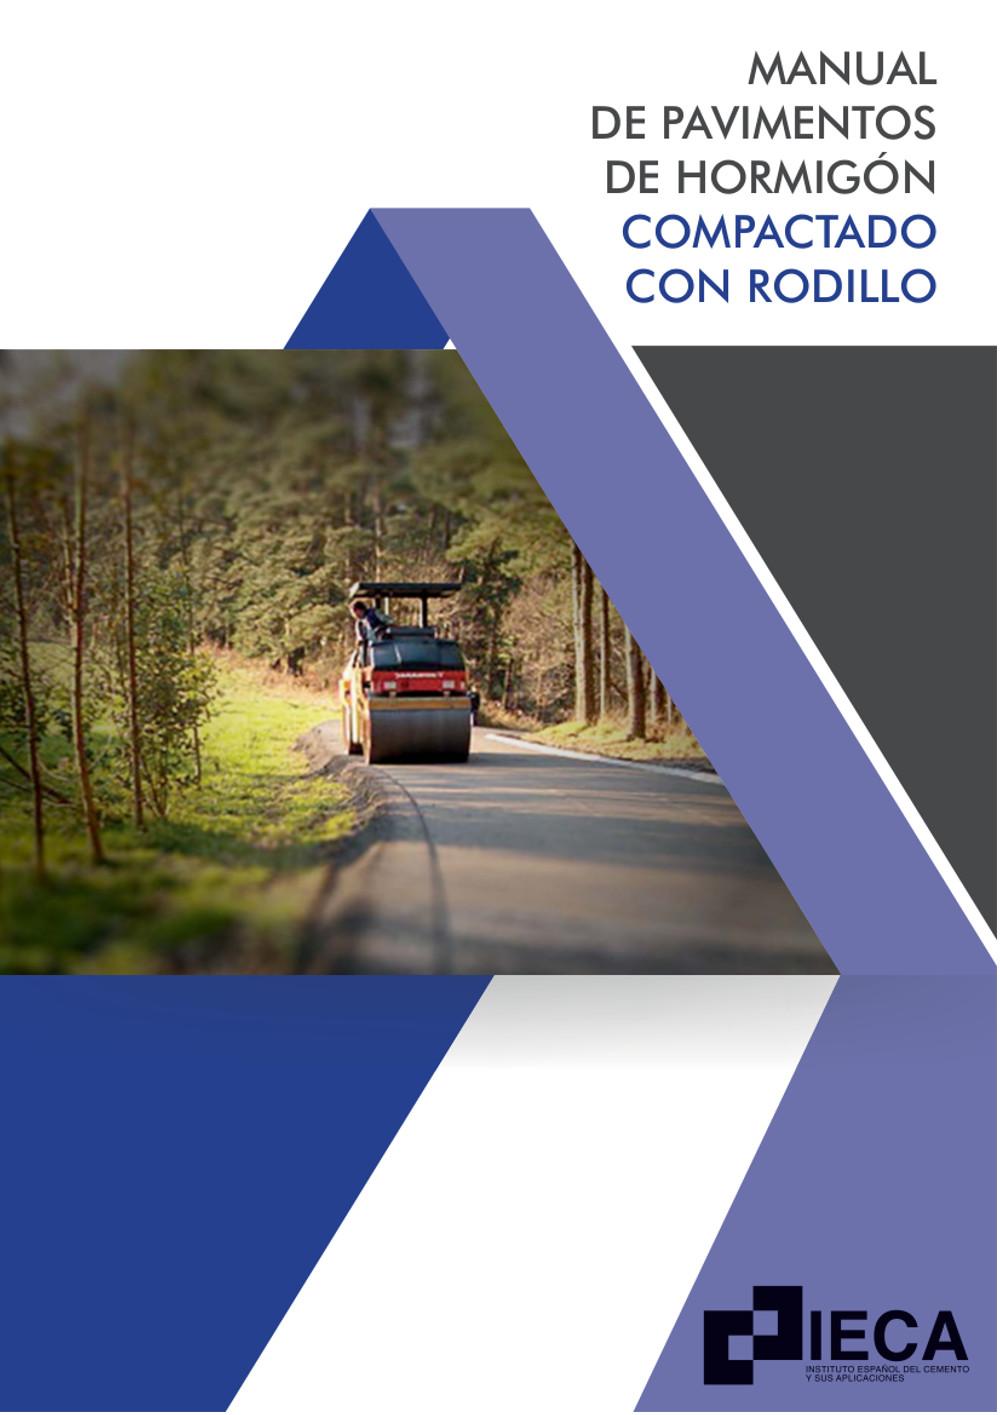 Manual de pavimentos de hormigón compactado con rodillo